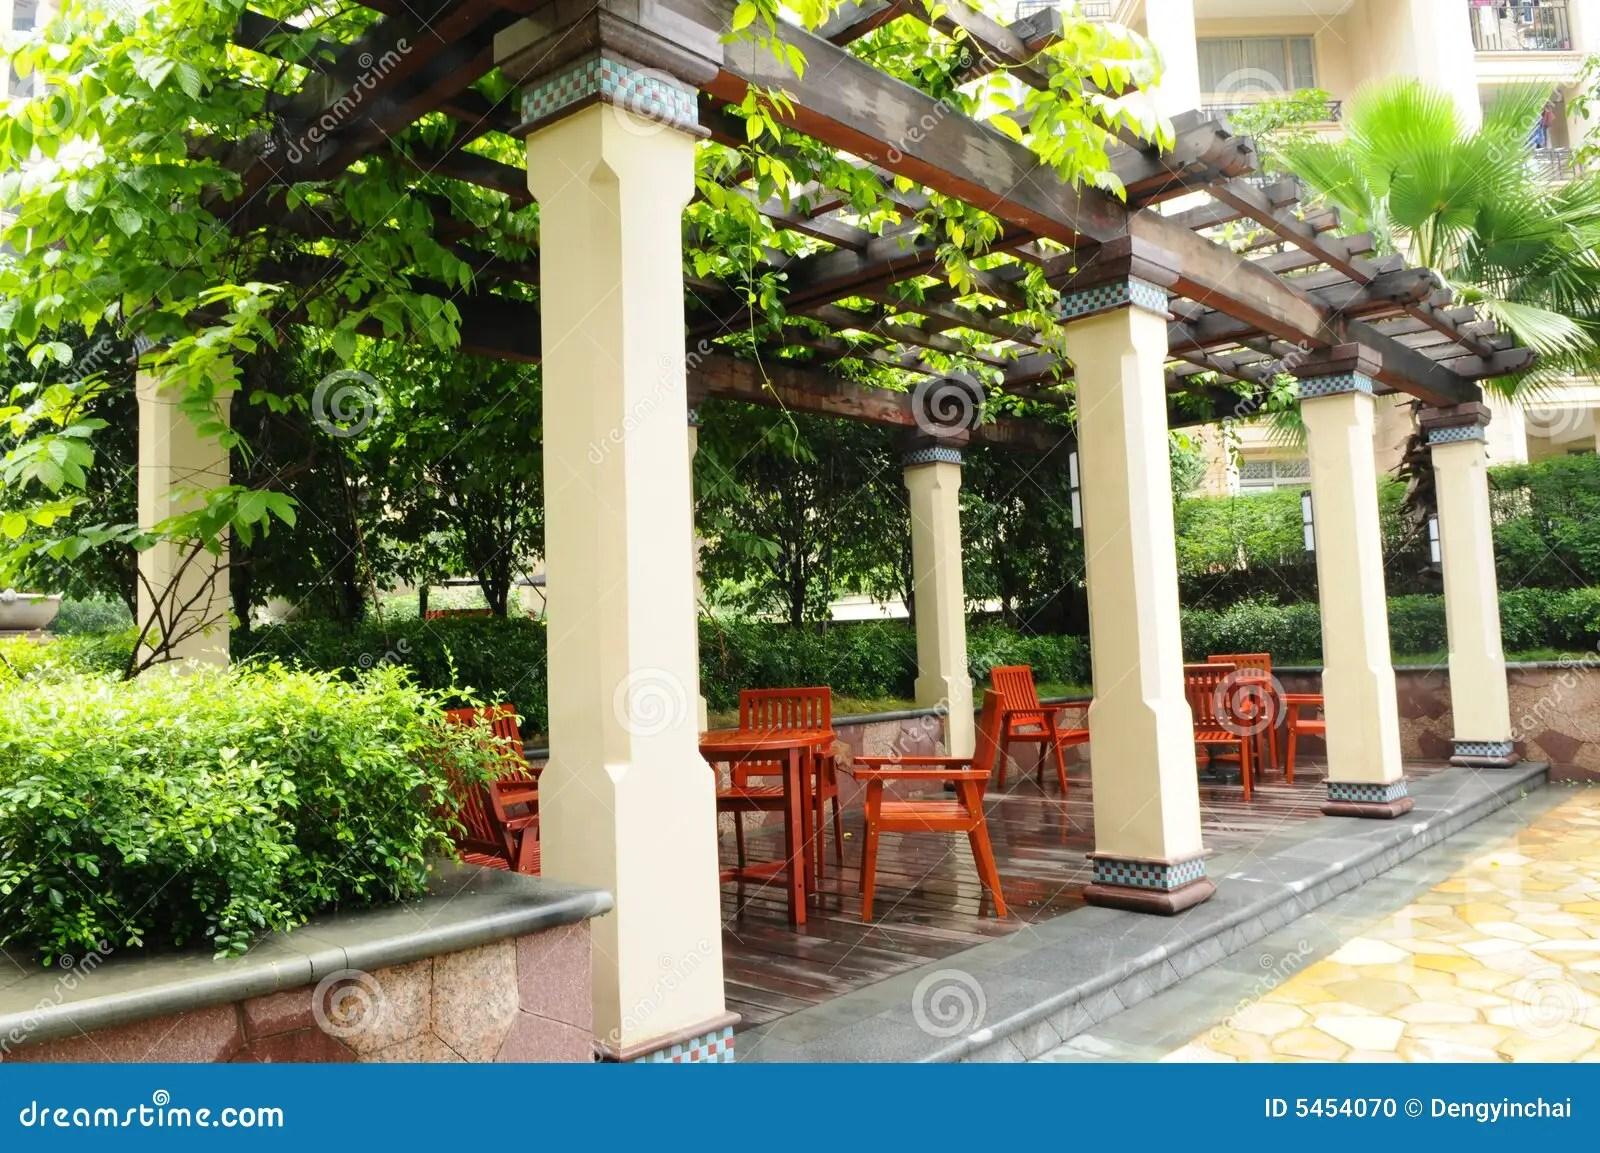 Der Garten Pergola Stockfoto Bild Von Stühle, Holz